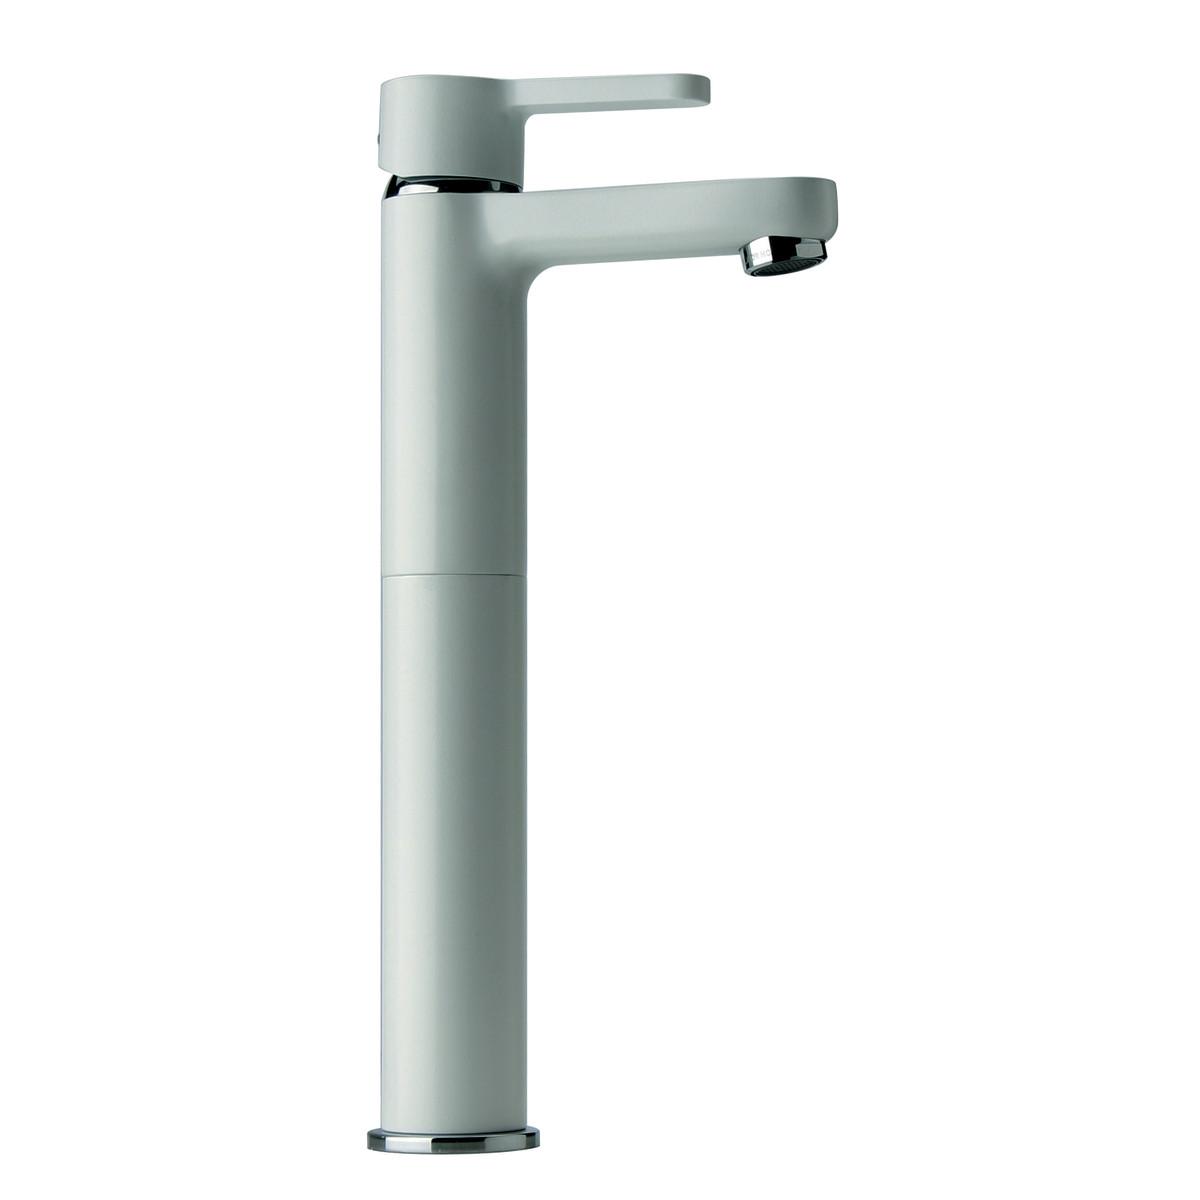 Esedra lavabo ceramica bianca prezzo e offerte sottocosto - Sensea accessori bagno ...